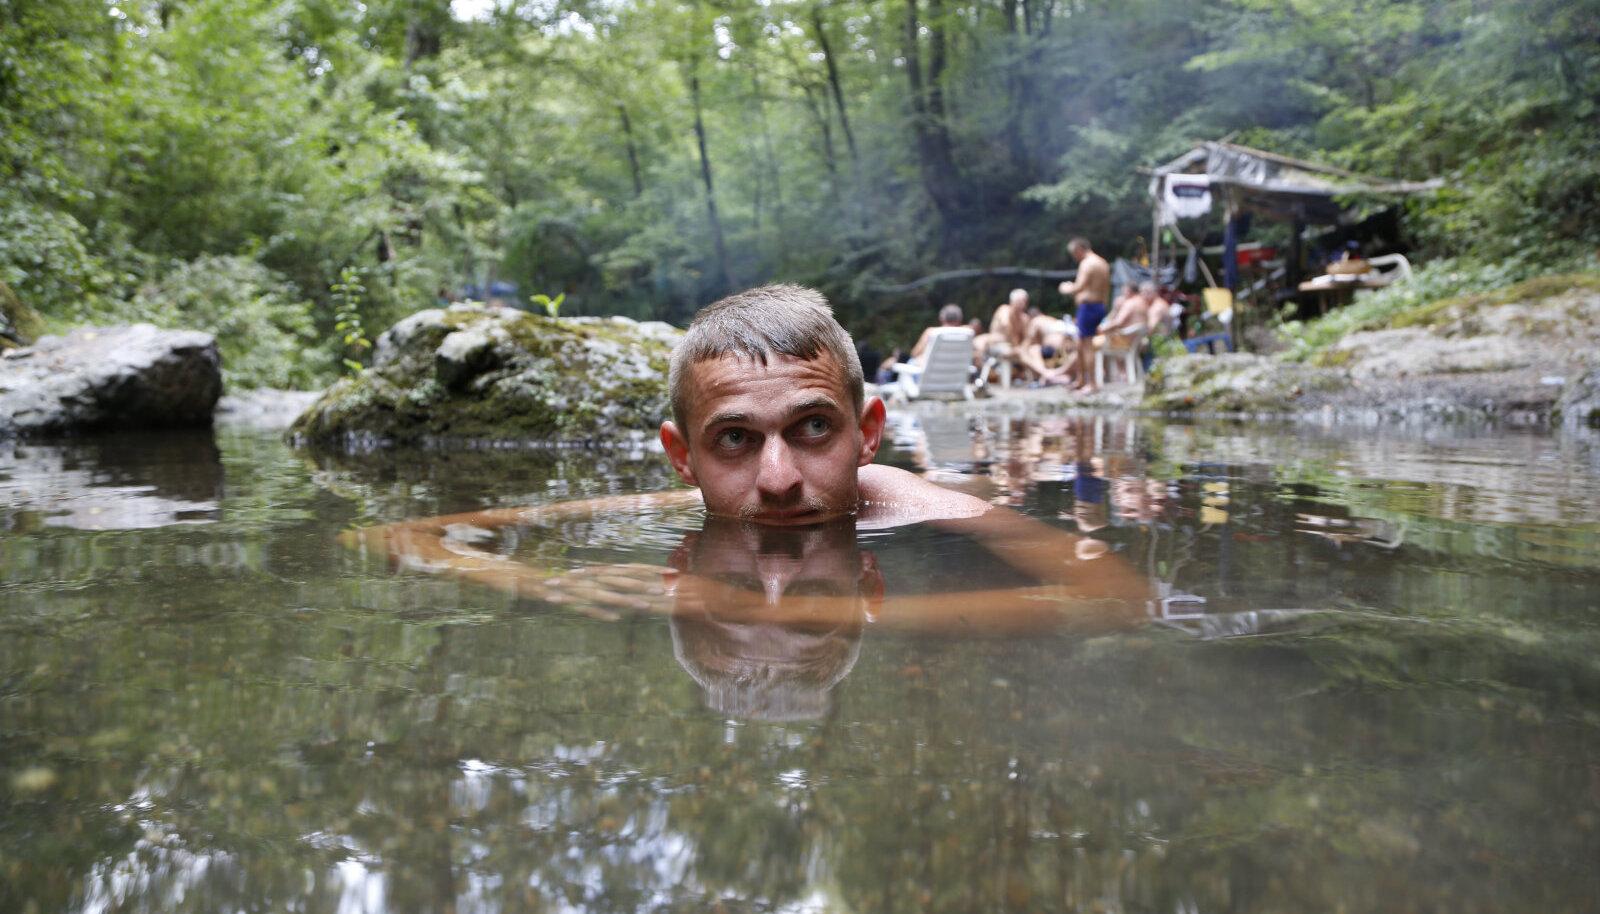 Pühapäeval Bosnias 42-kraadise kuumuse eest vette põgenenud mees